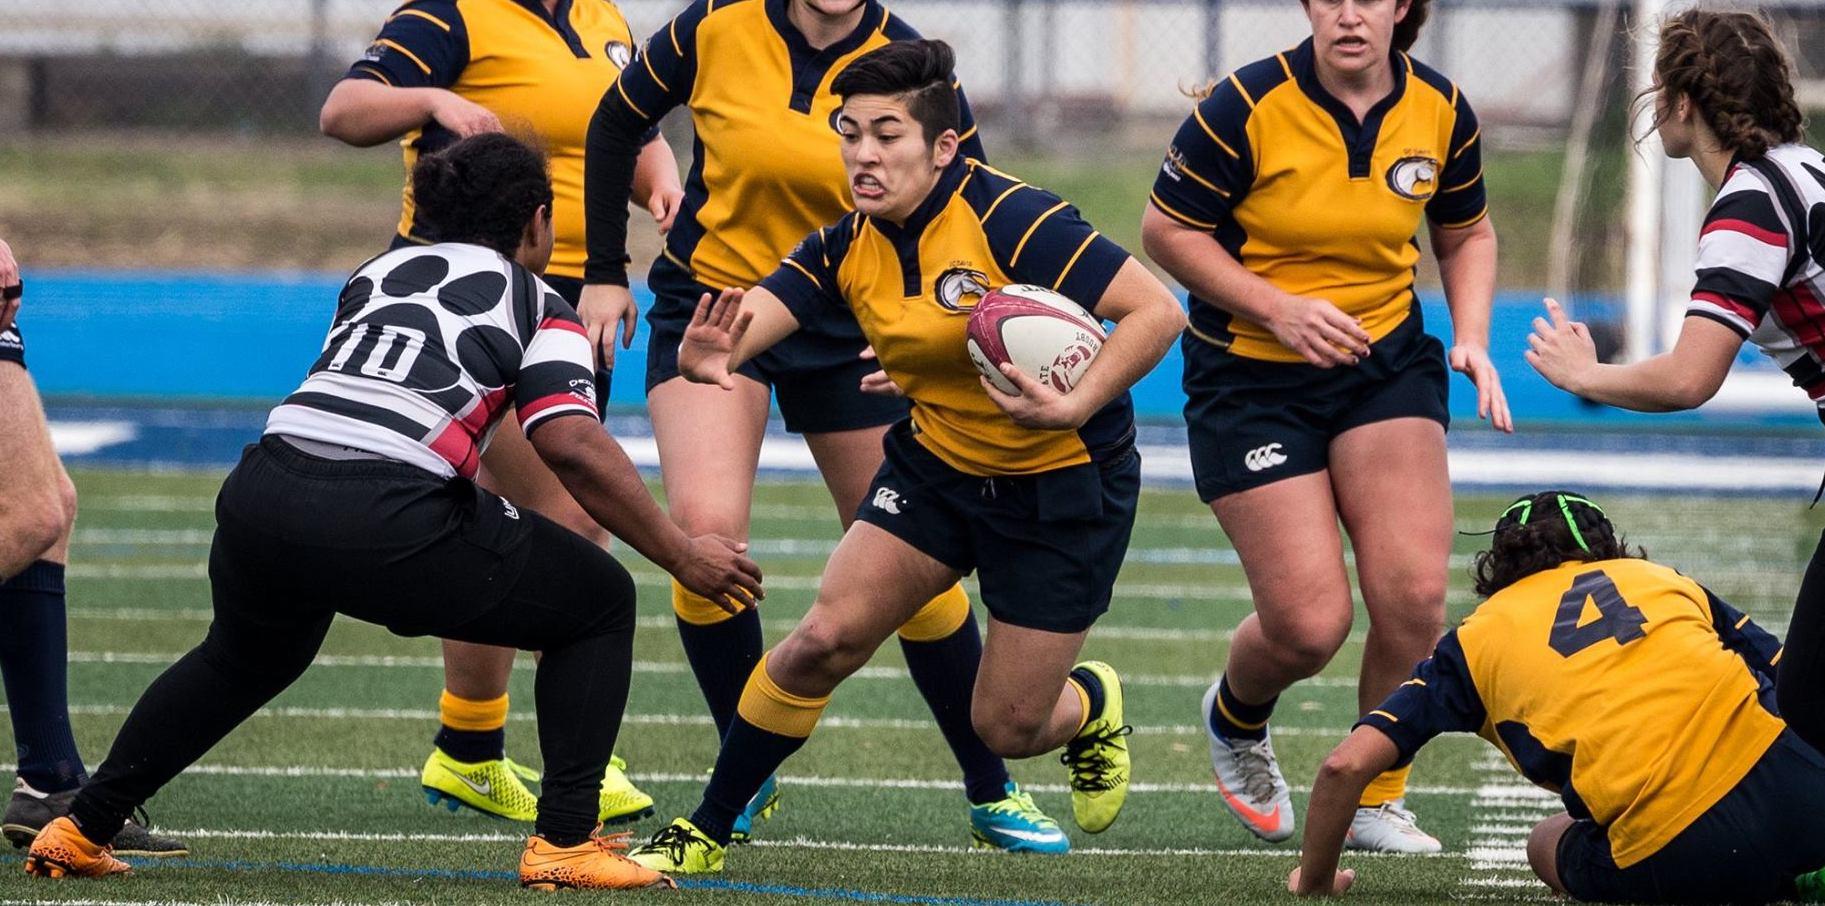 Sydnee Watanabe, UC Davis women's rugby